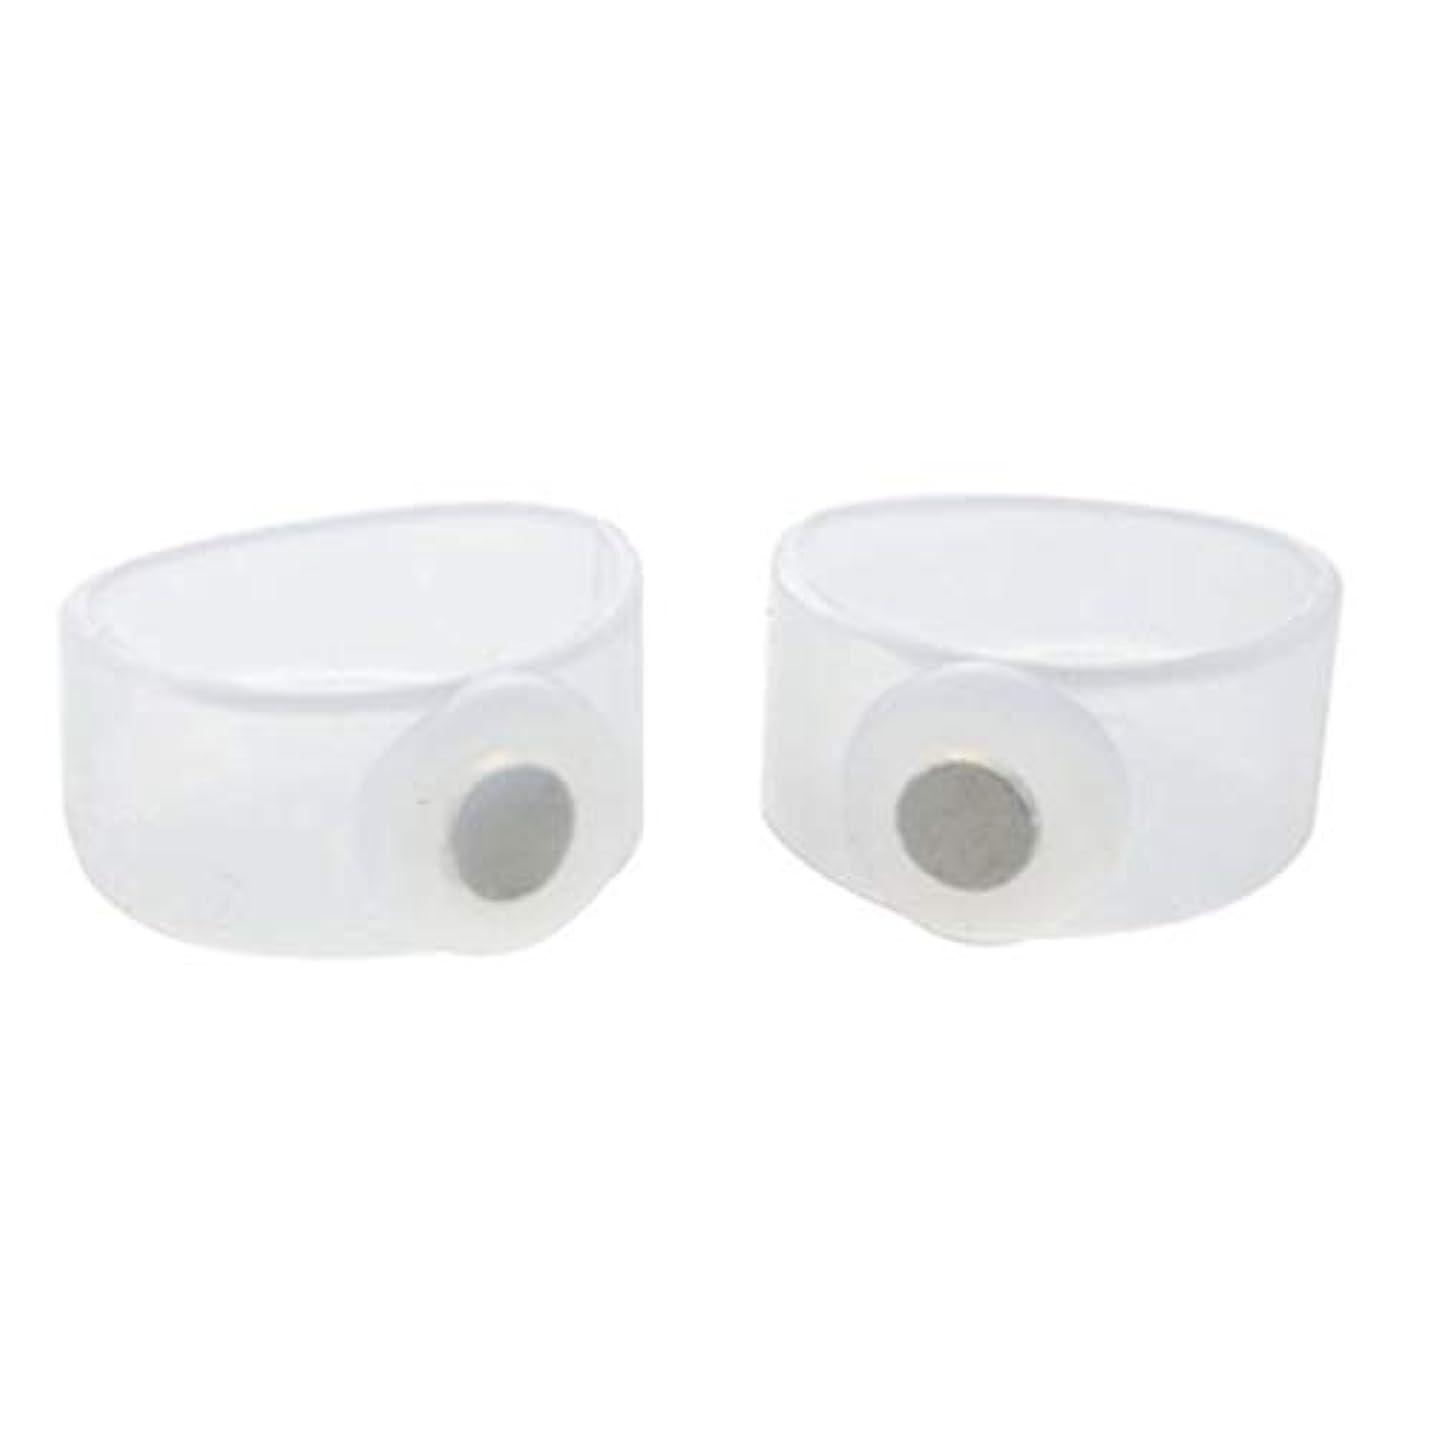 棚変形する逆に2ピース痩身シリコン磁気フットマッサージャーマッサージリラックスつま先リング用減量ヘルスケアツール美容製品 - 透明